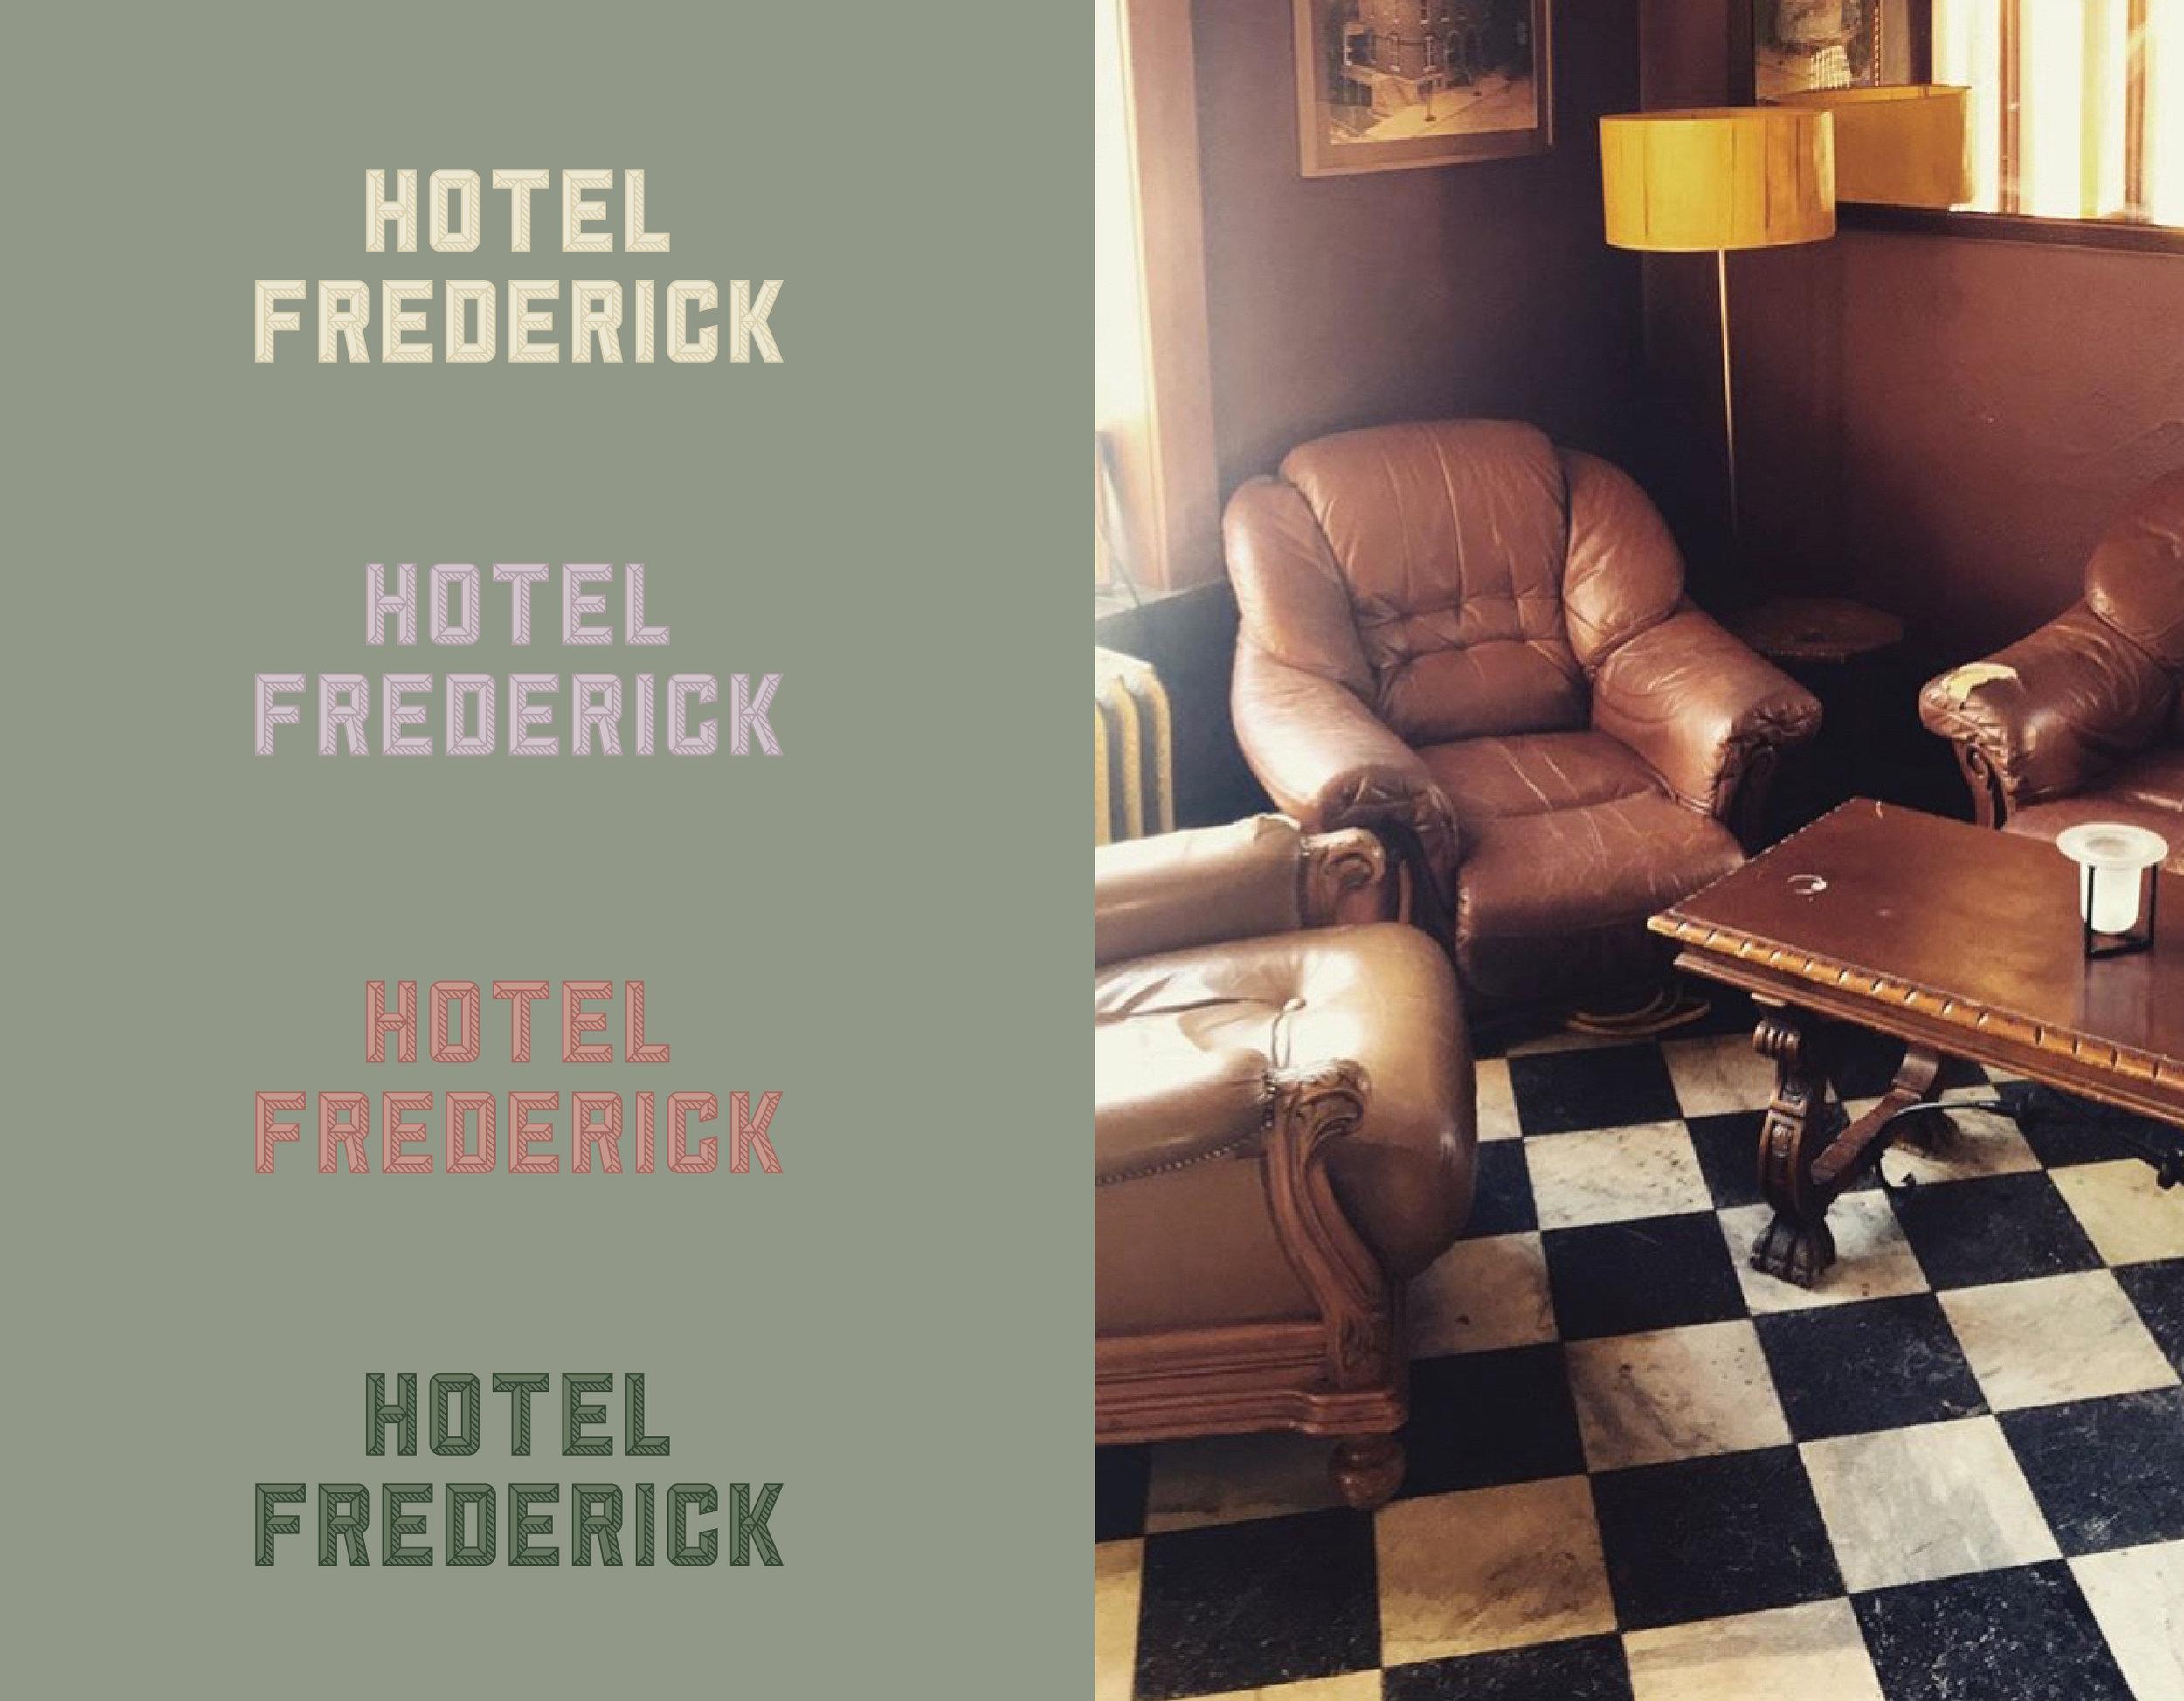 HotelFrederickCaseStudyBrandBoard-02.jpg